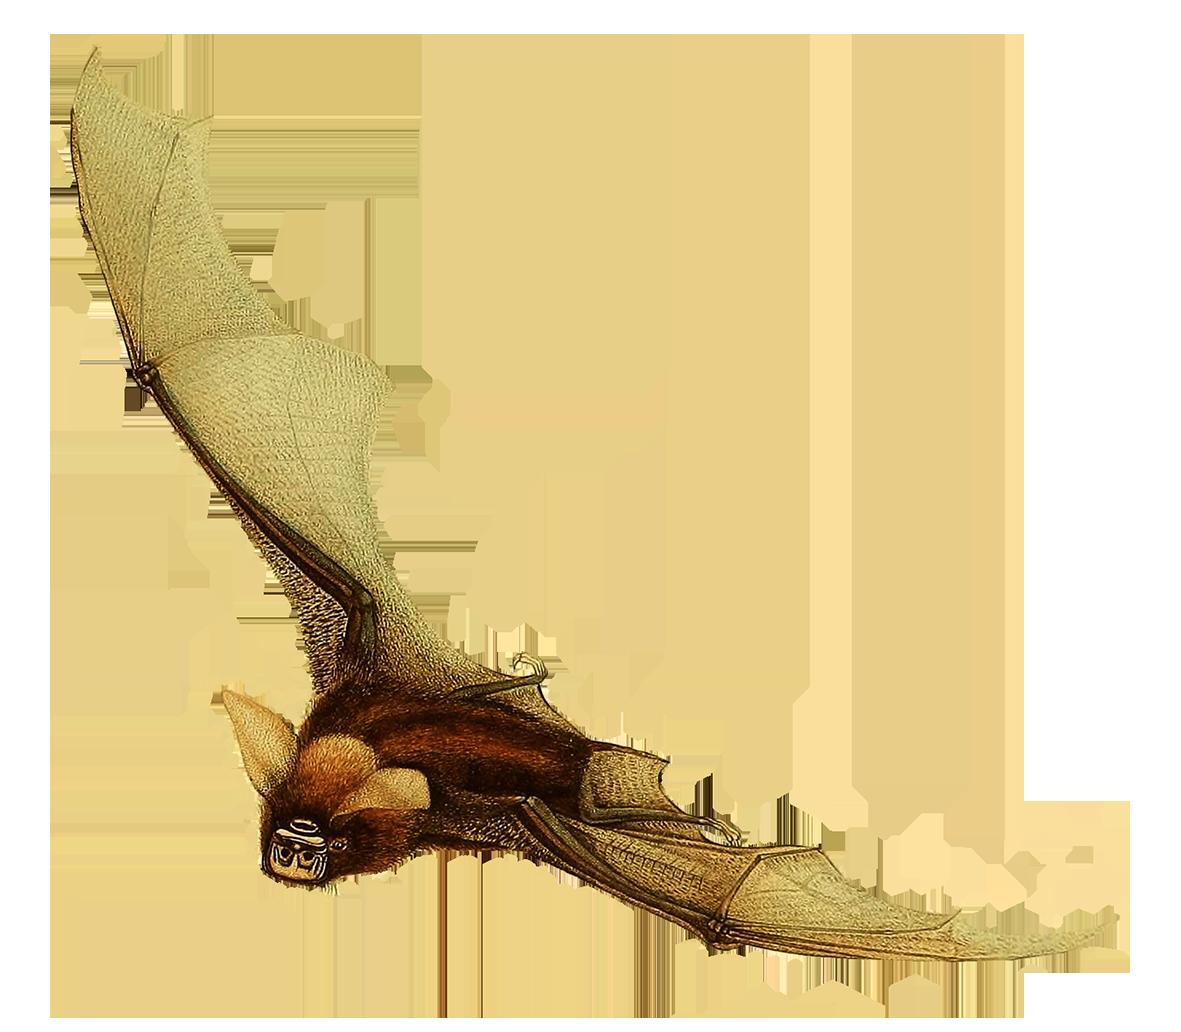 timor bat clipart